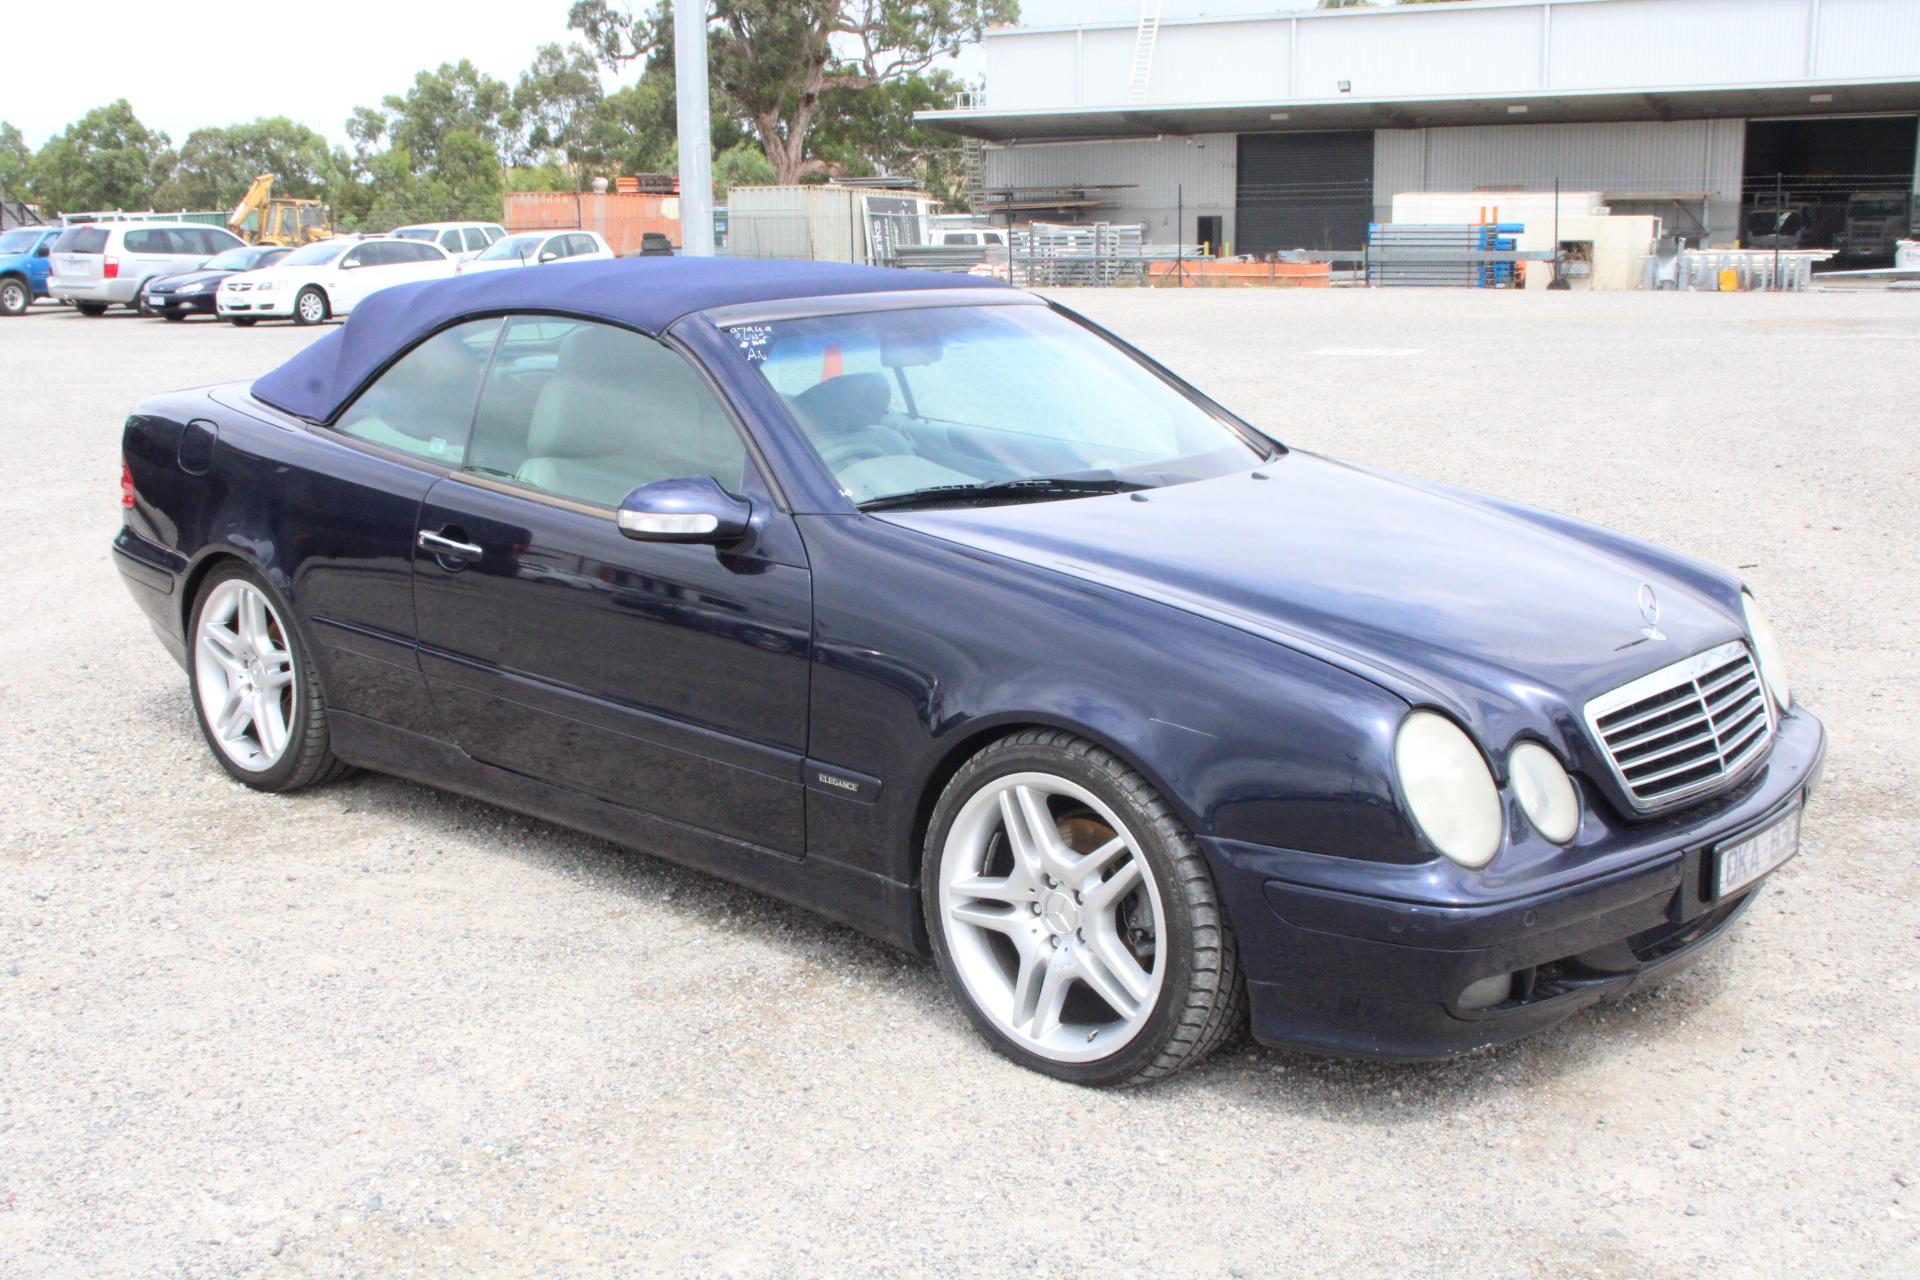 2001 Mercedes Benz CLK320 Elegance A208 Automatic Convertible